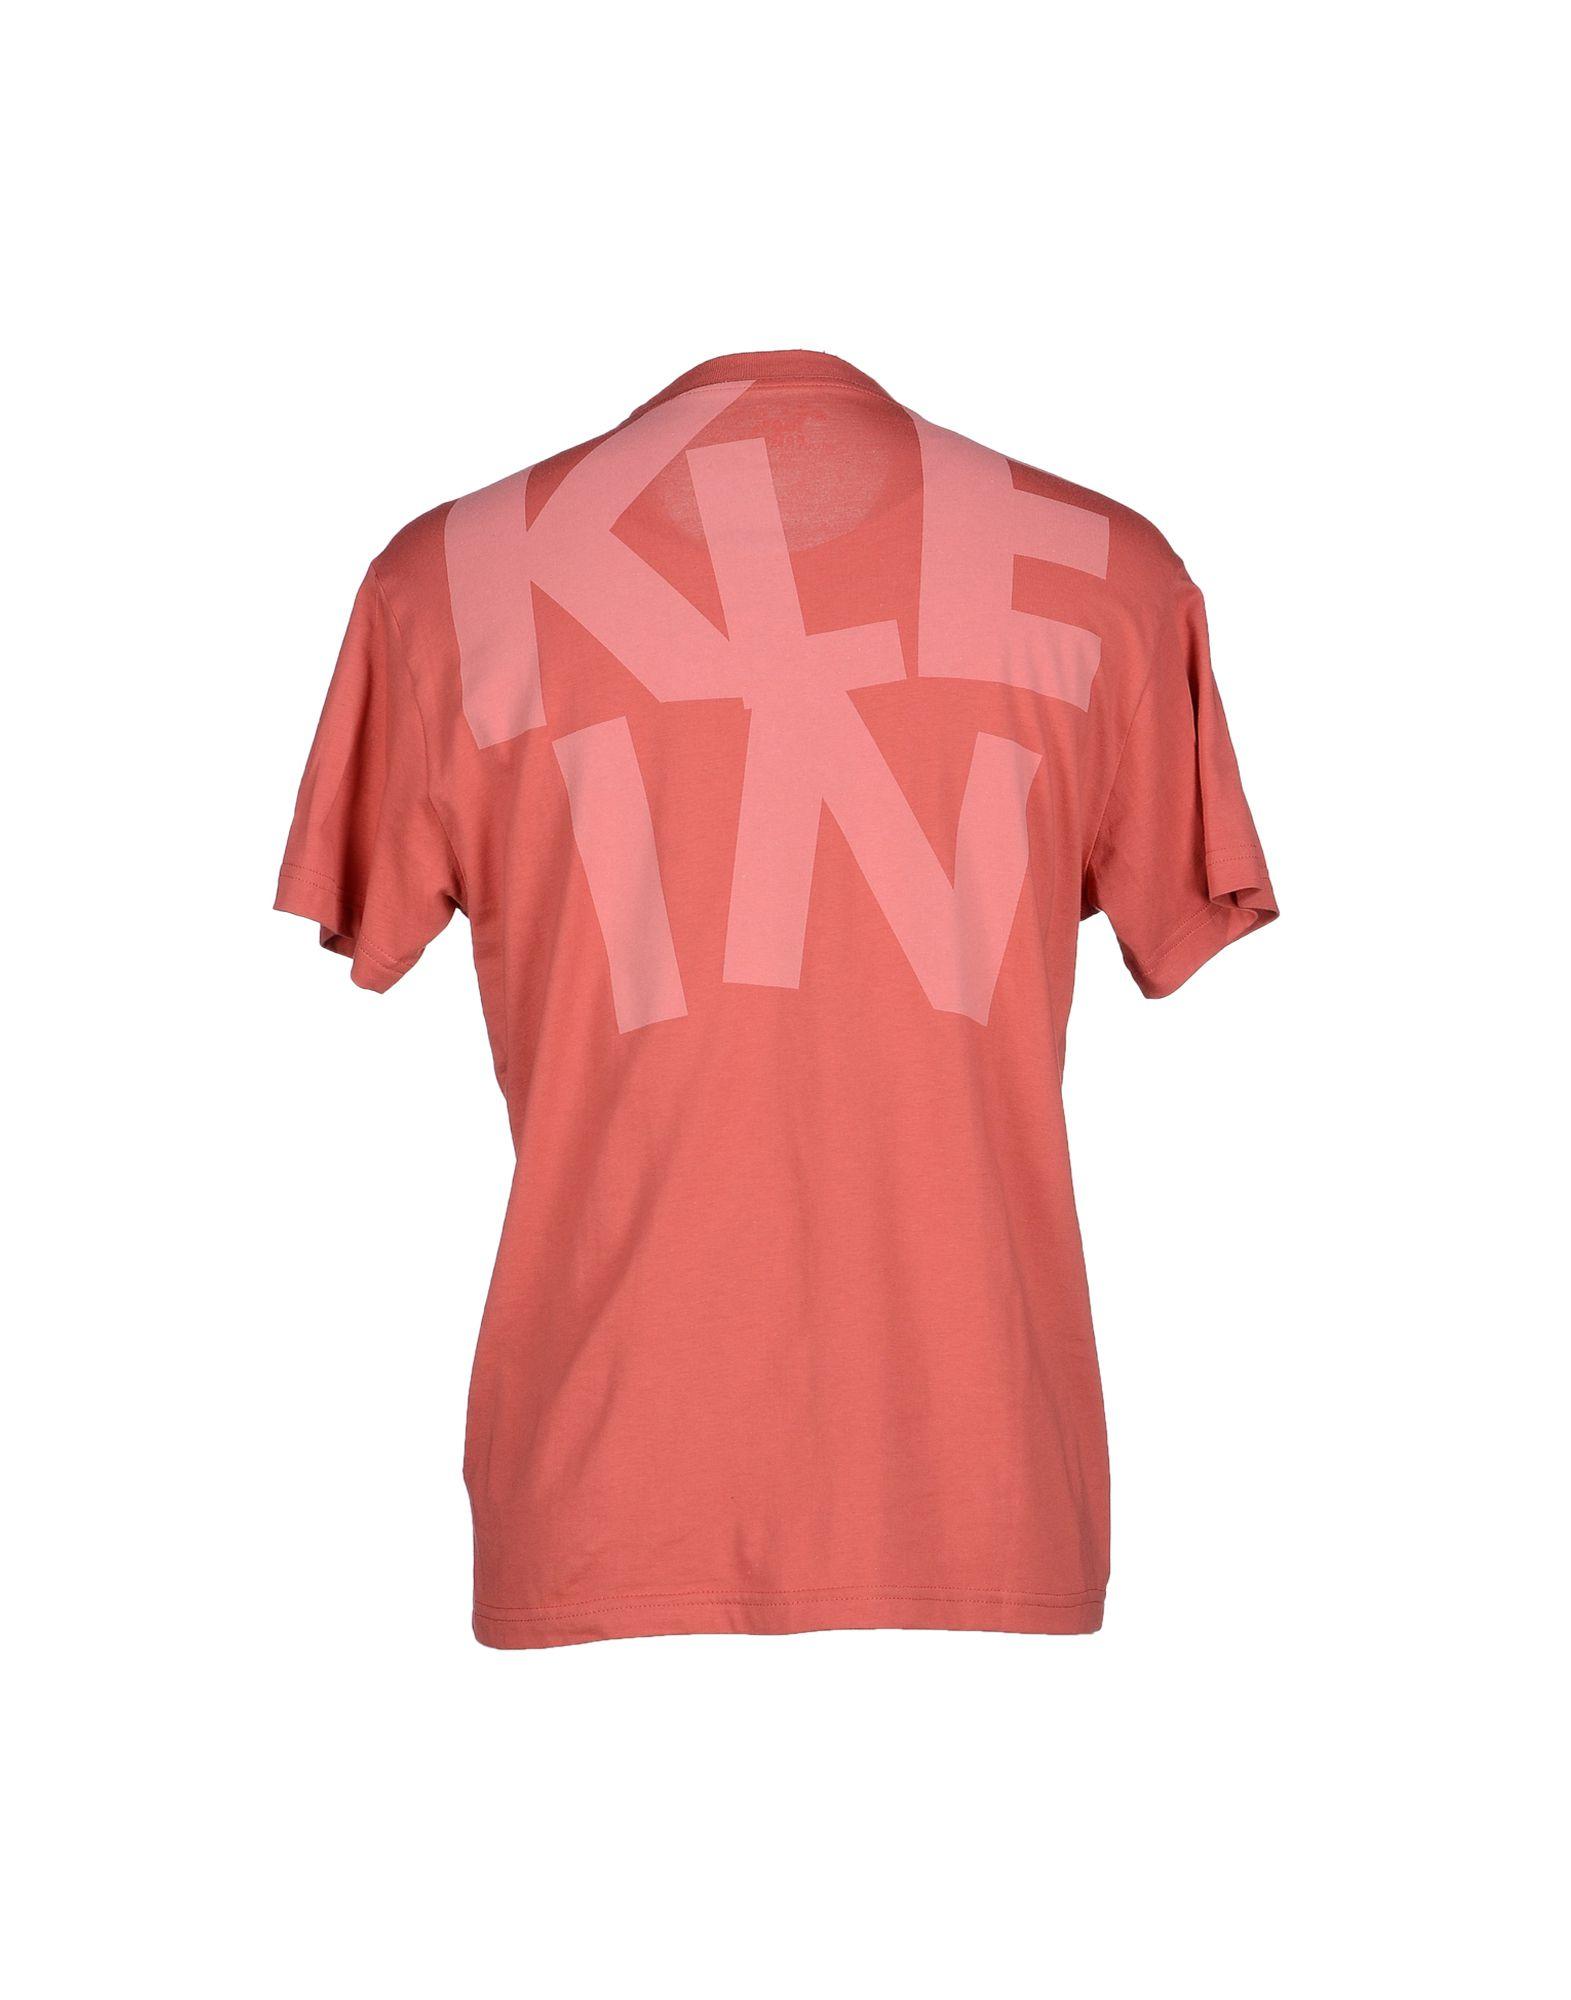 calvin klein jeans t shirt in pink for men lyst. Black Bedroom Furniture Sets. Home Design Ideas